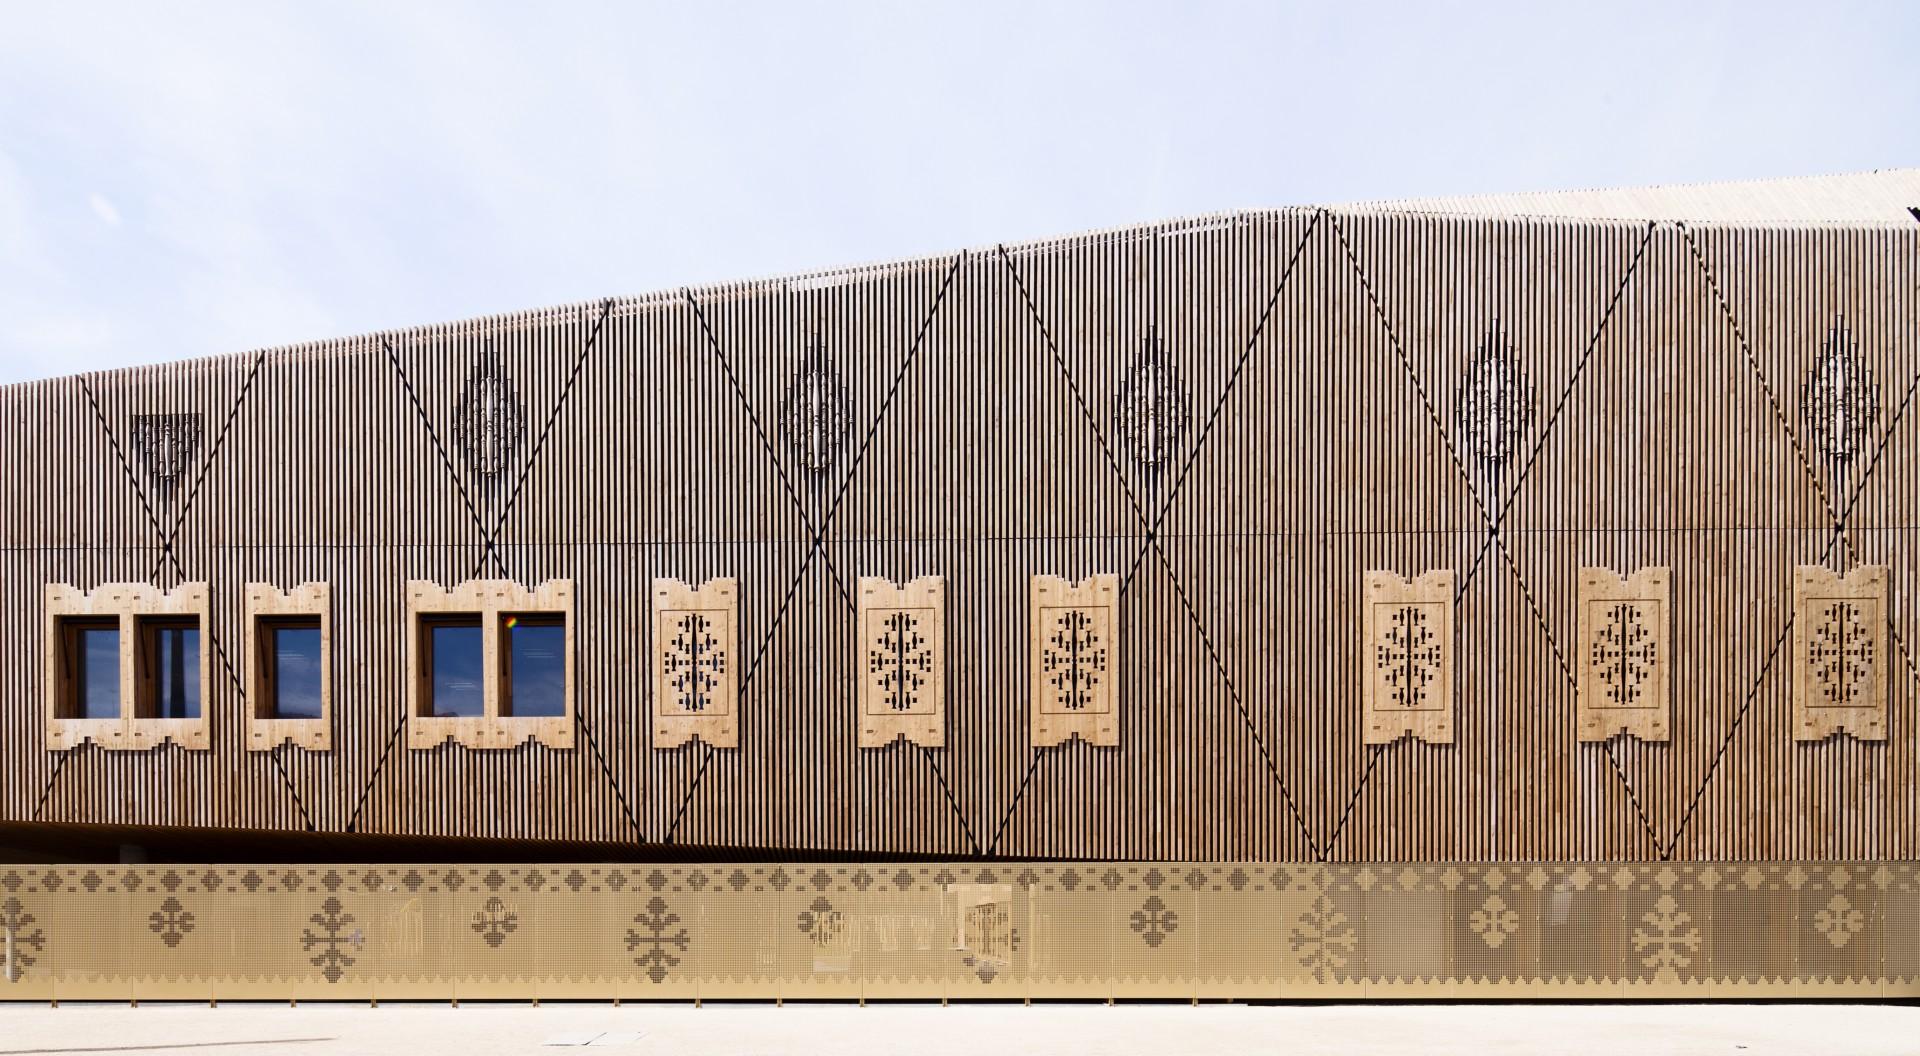 Libro: Dans le pli d'un drapé - In the fold of a drap. Atelier d'architecture Vincent Parreira.